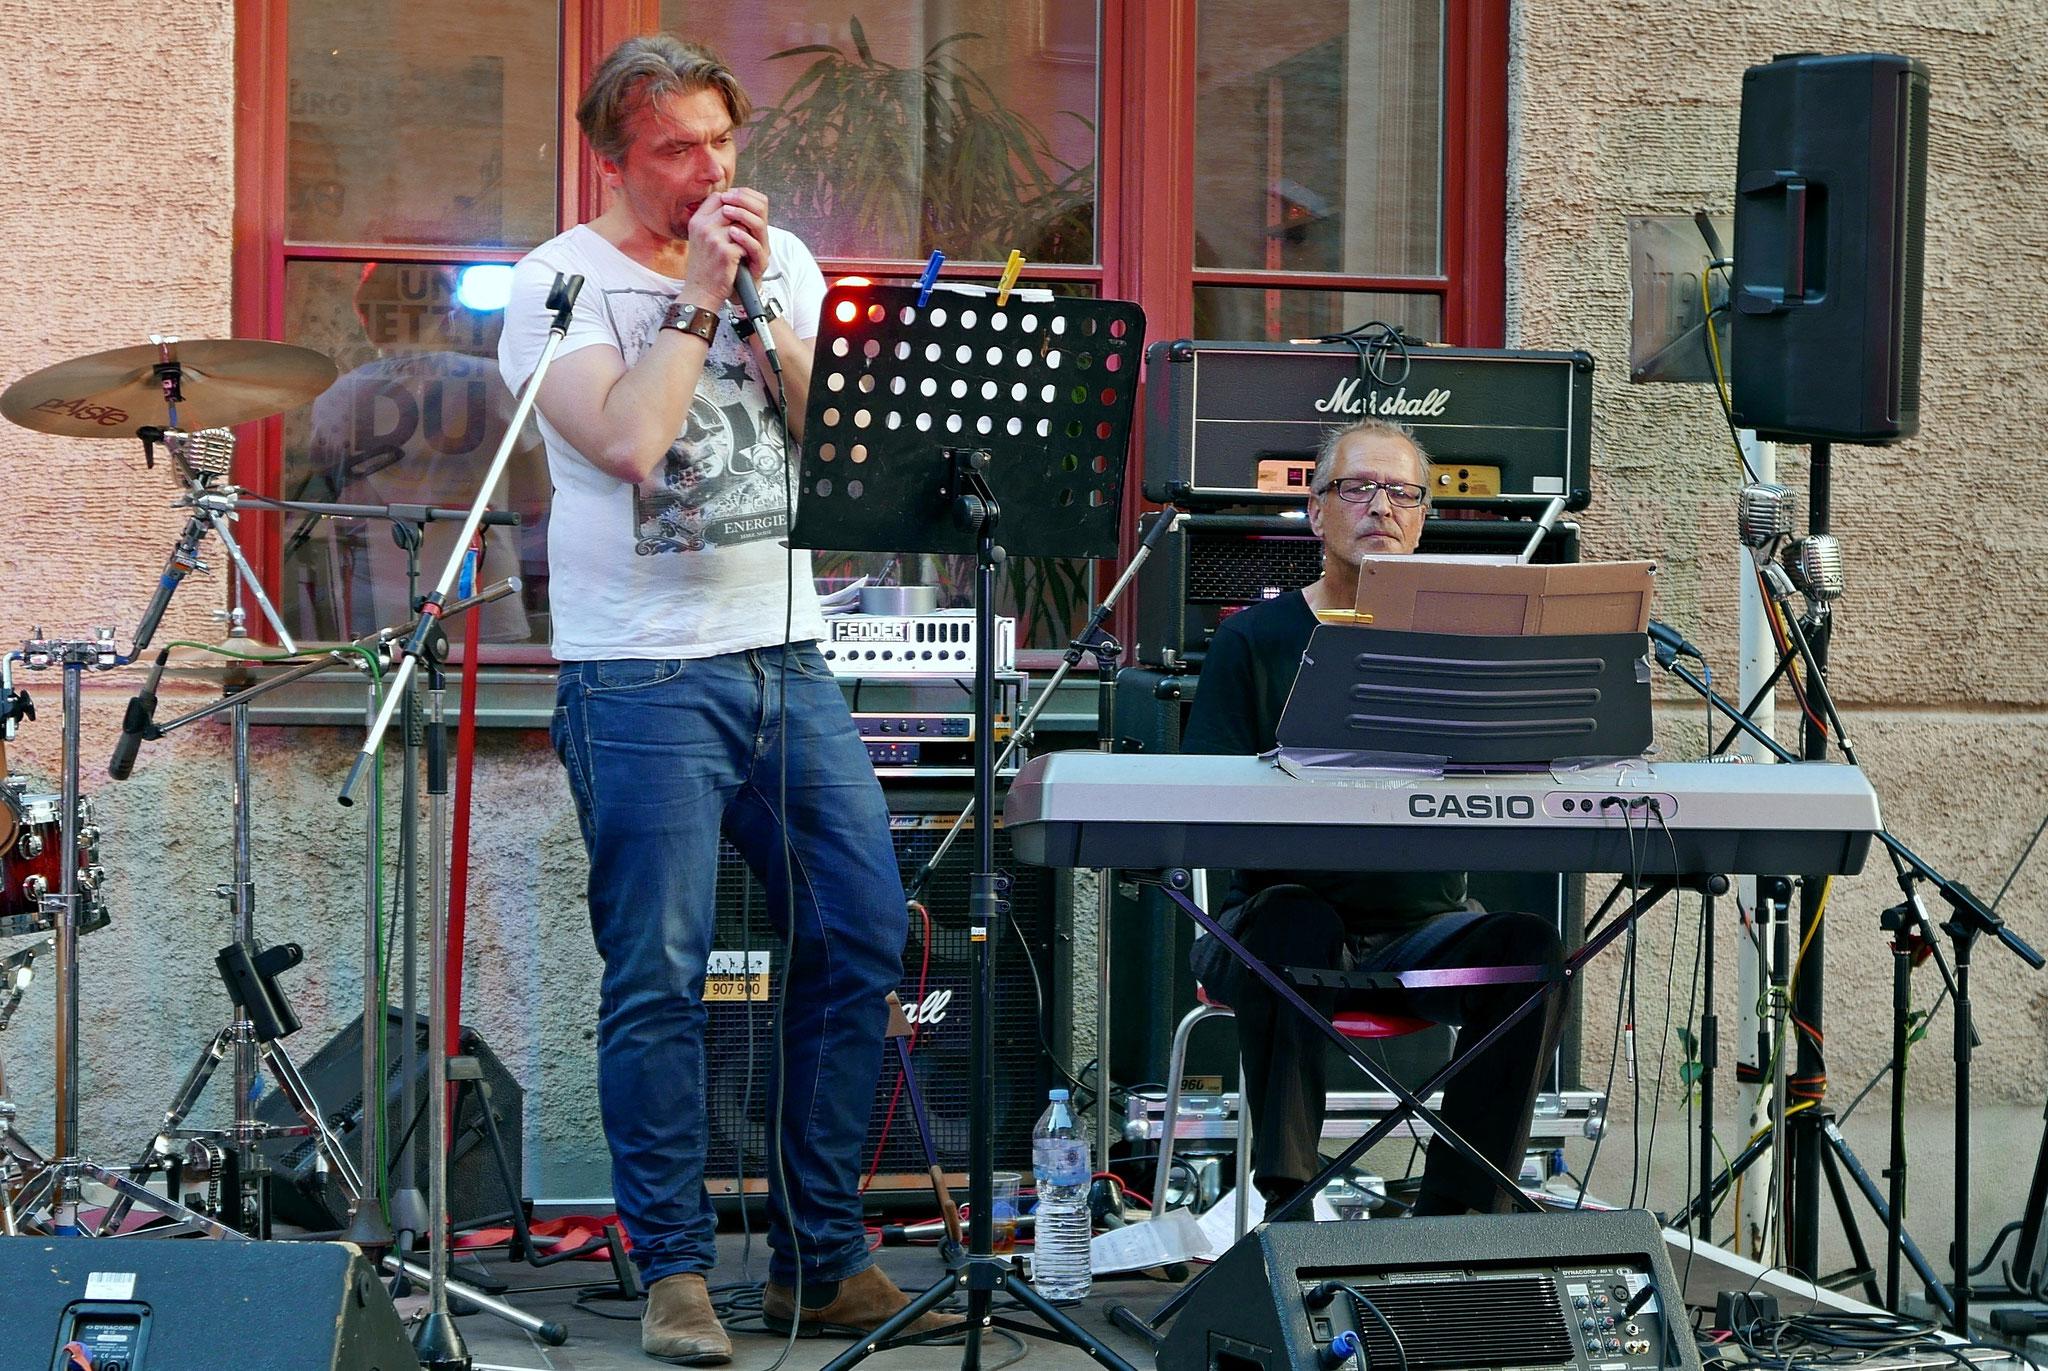 Konzerte im Bürgerhof 02.07.15 Rauchen verboten - Freiwilligen-Zentrum Augsburg - Foto: Christoph Urban